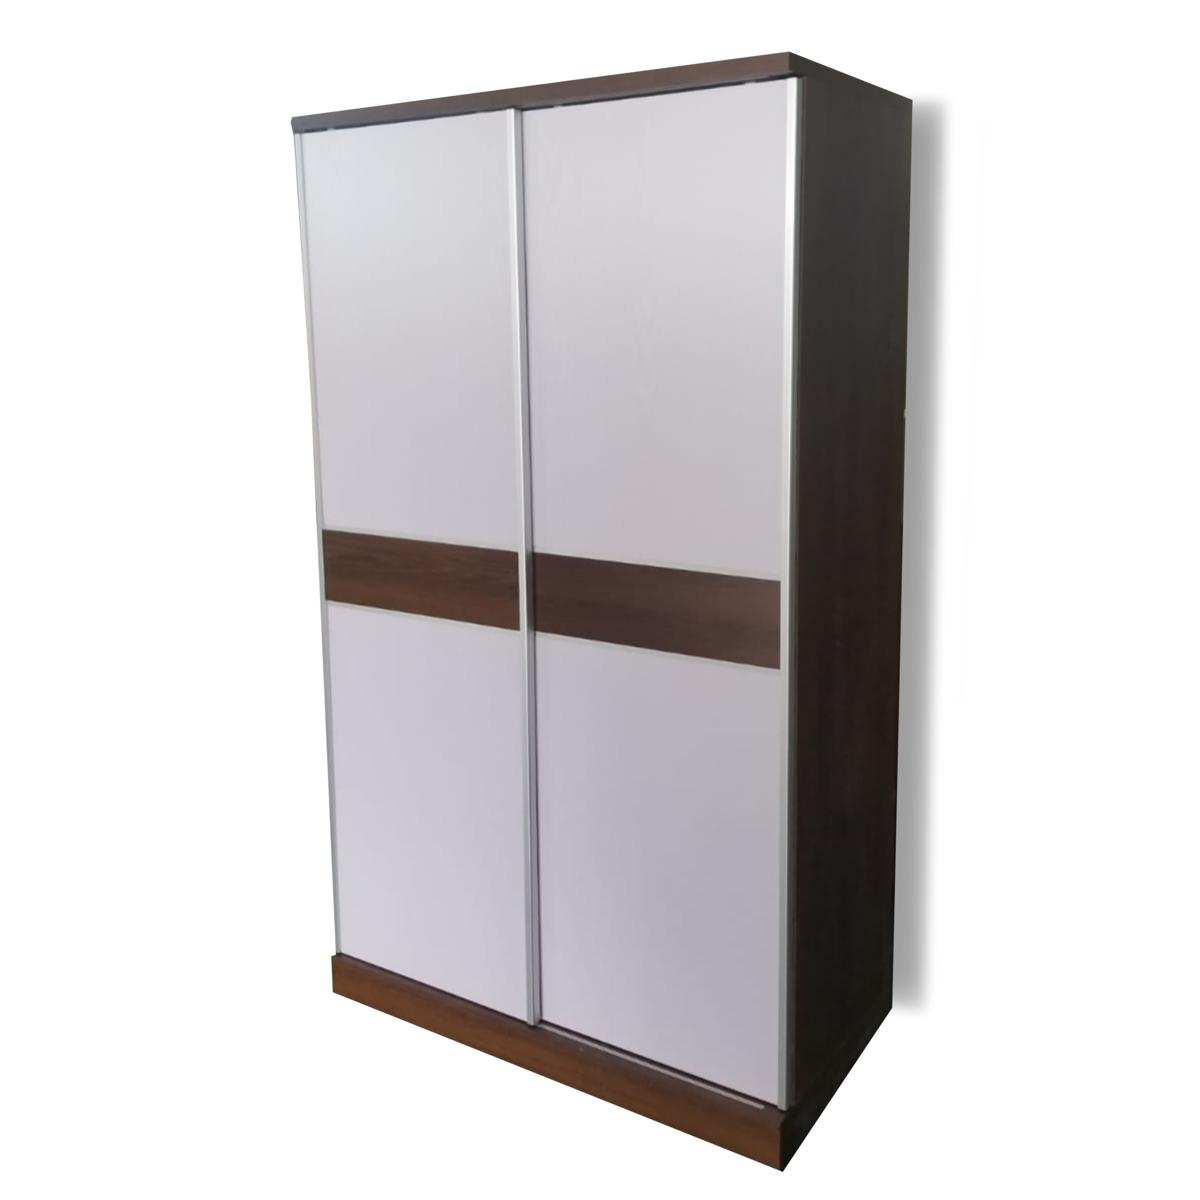 Light walnut wood/white door four-foot door wardrobe